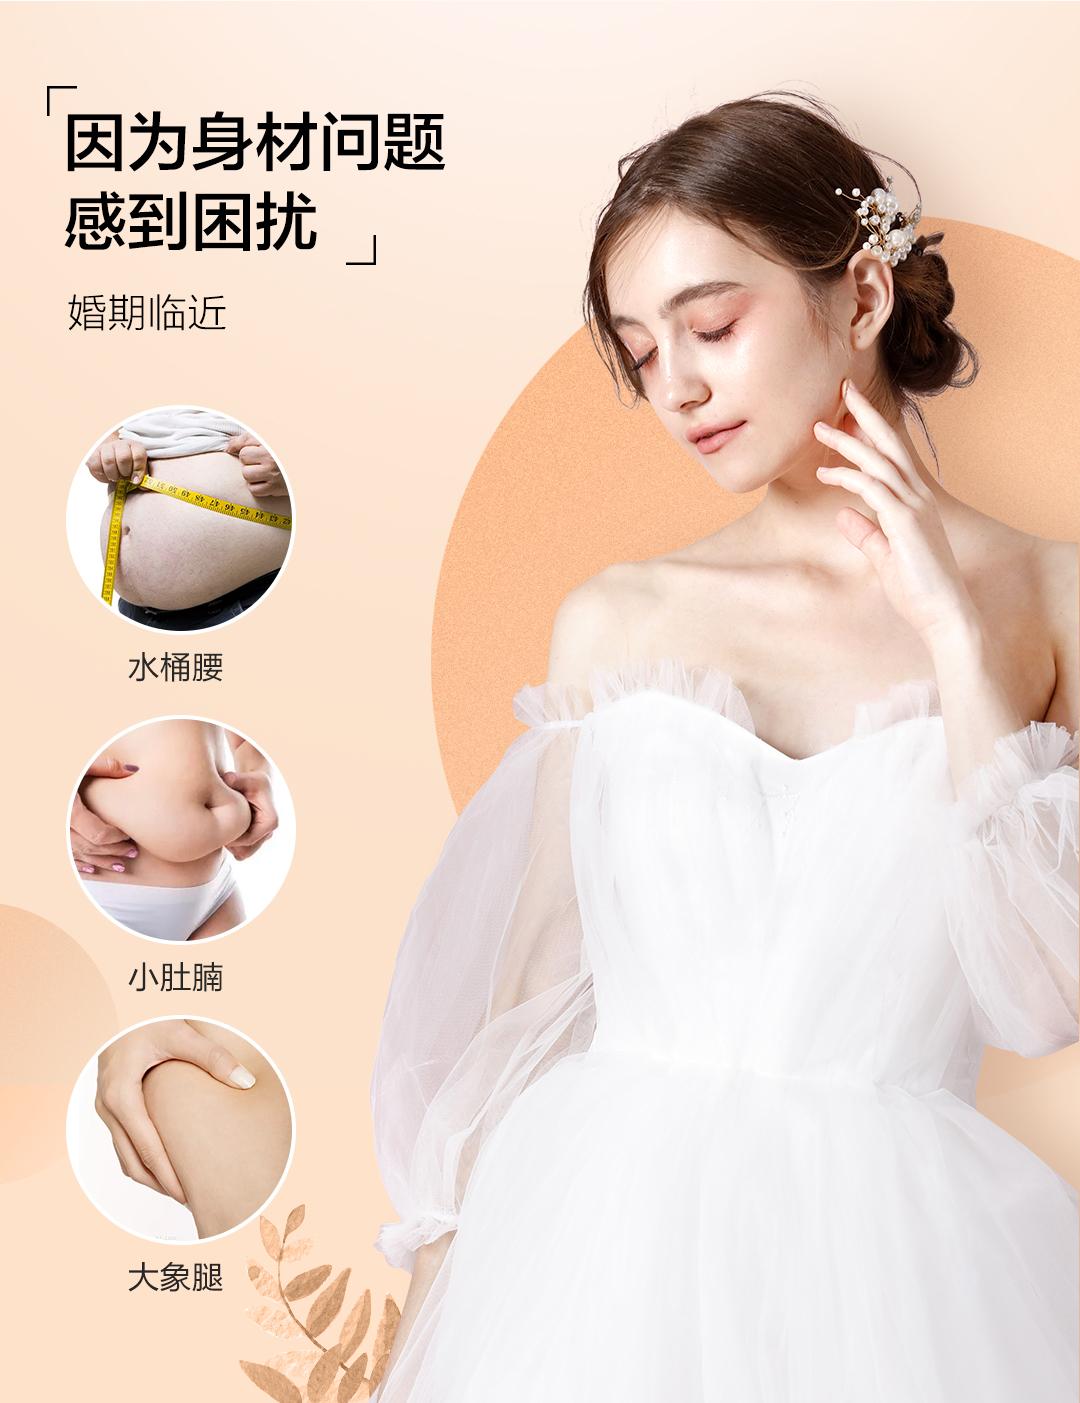 【婚前瘦身】意大利塑形紧致纤体霜150ml